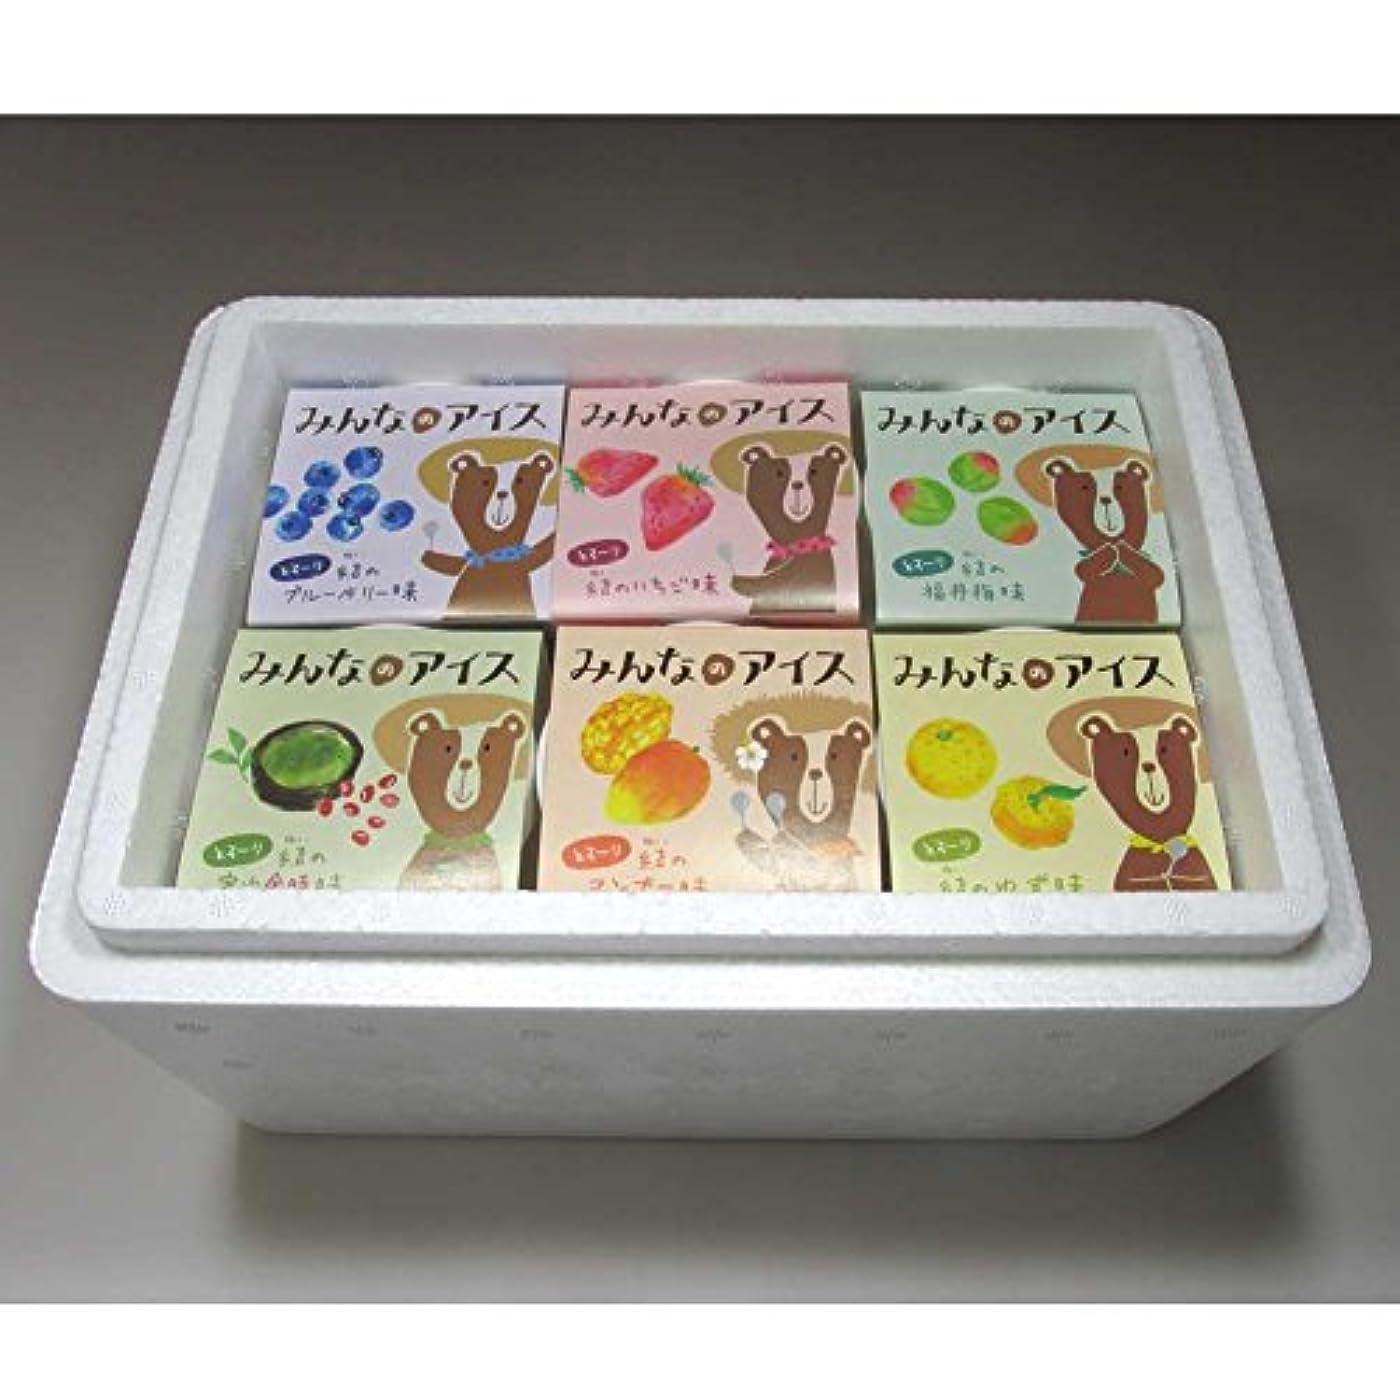 海洋識別悪意のあるSFV生産農場 建石農園「アレルギーフリー☆みんなのアイス (6個)」 -クール冷凍-